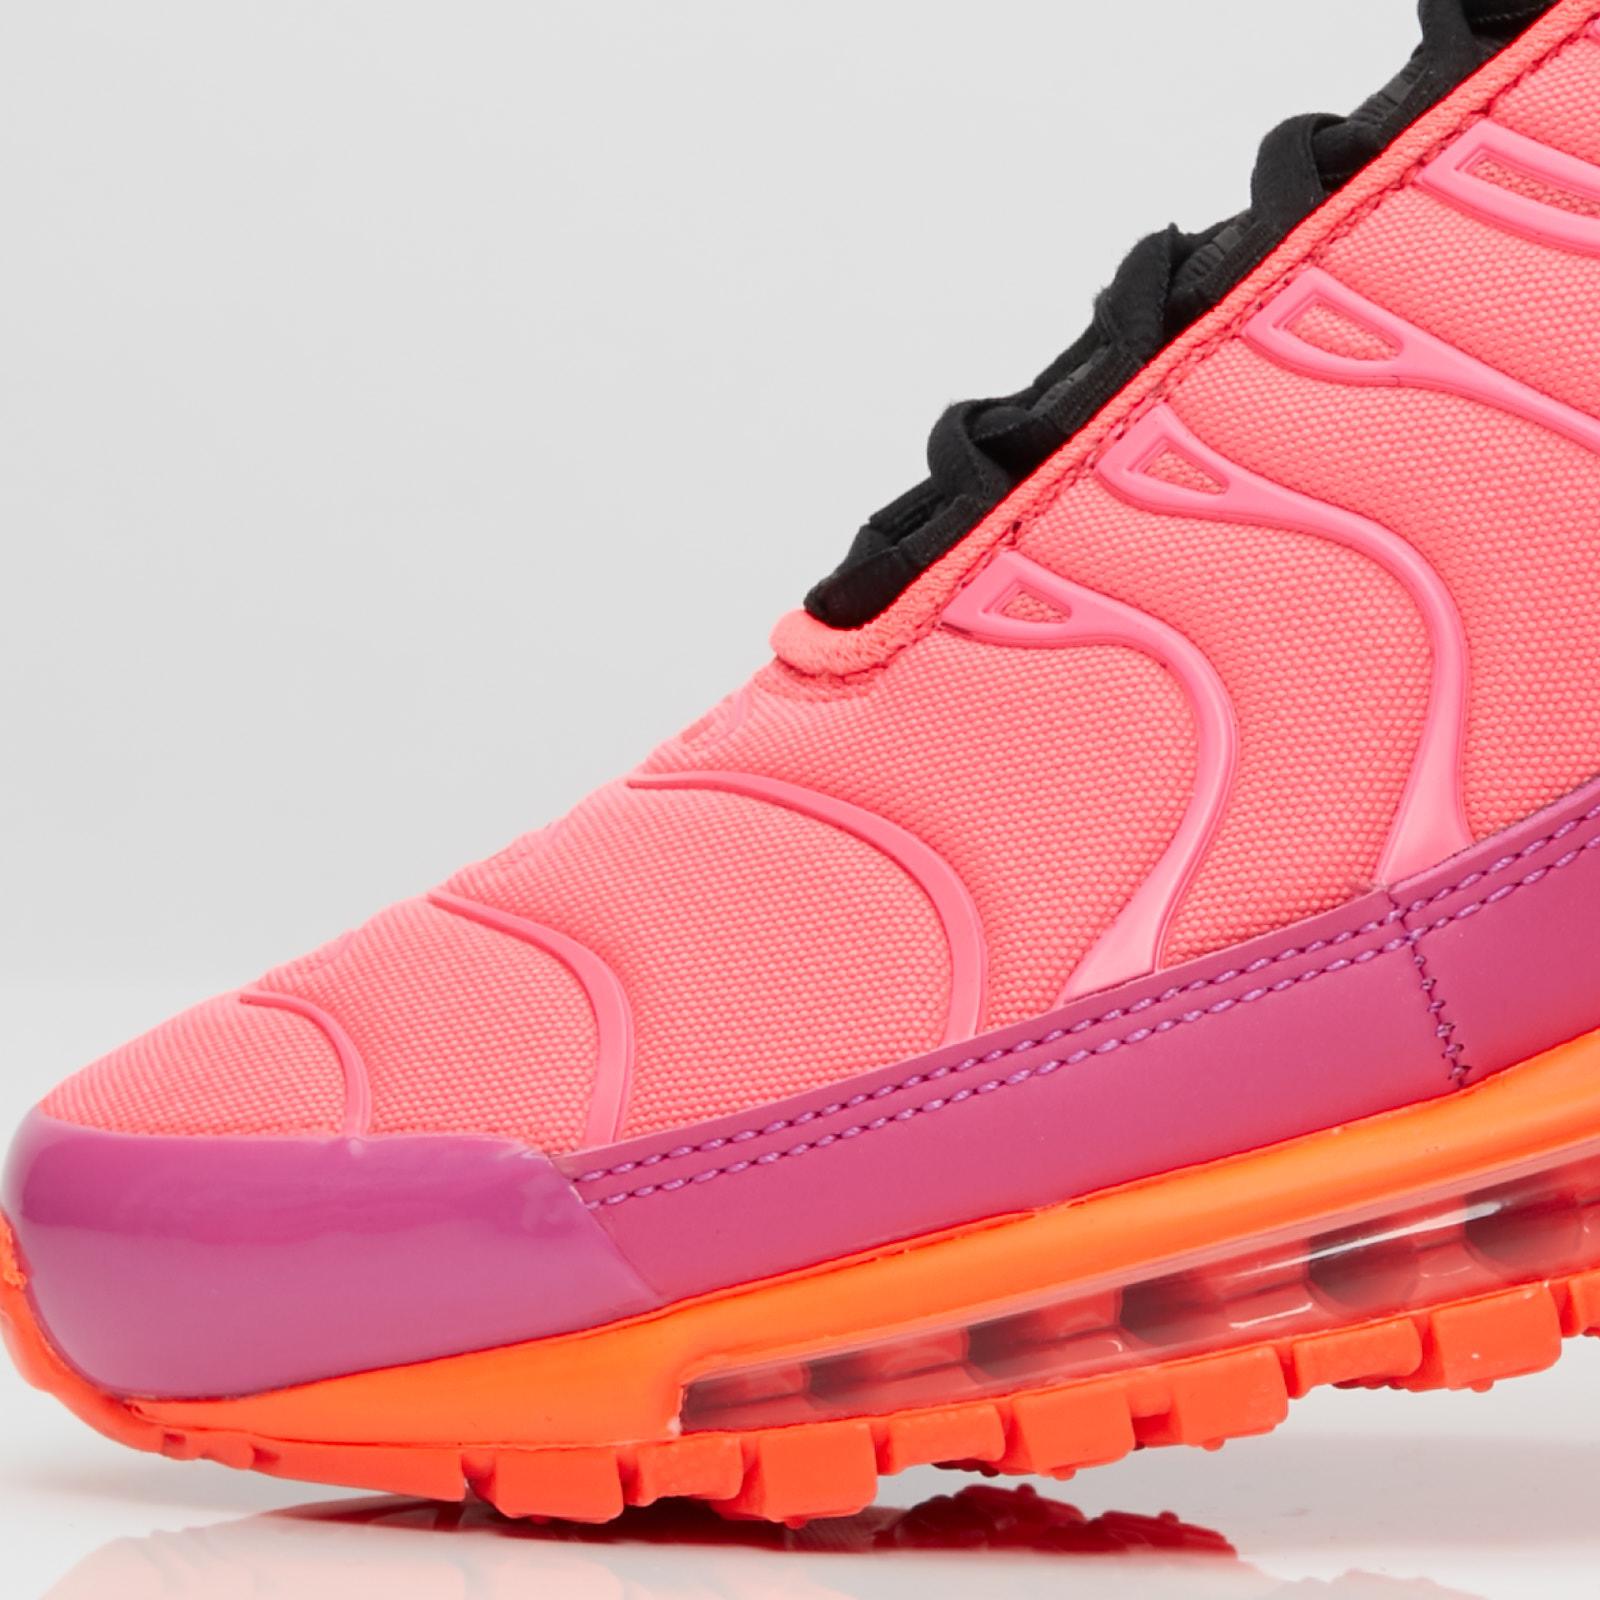 Nike Air Max 97 Plus Ah8144 600 Sneakersnstuff Sneakers